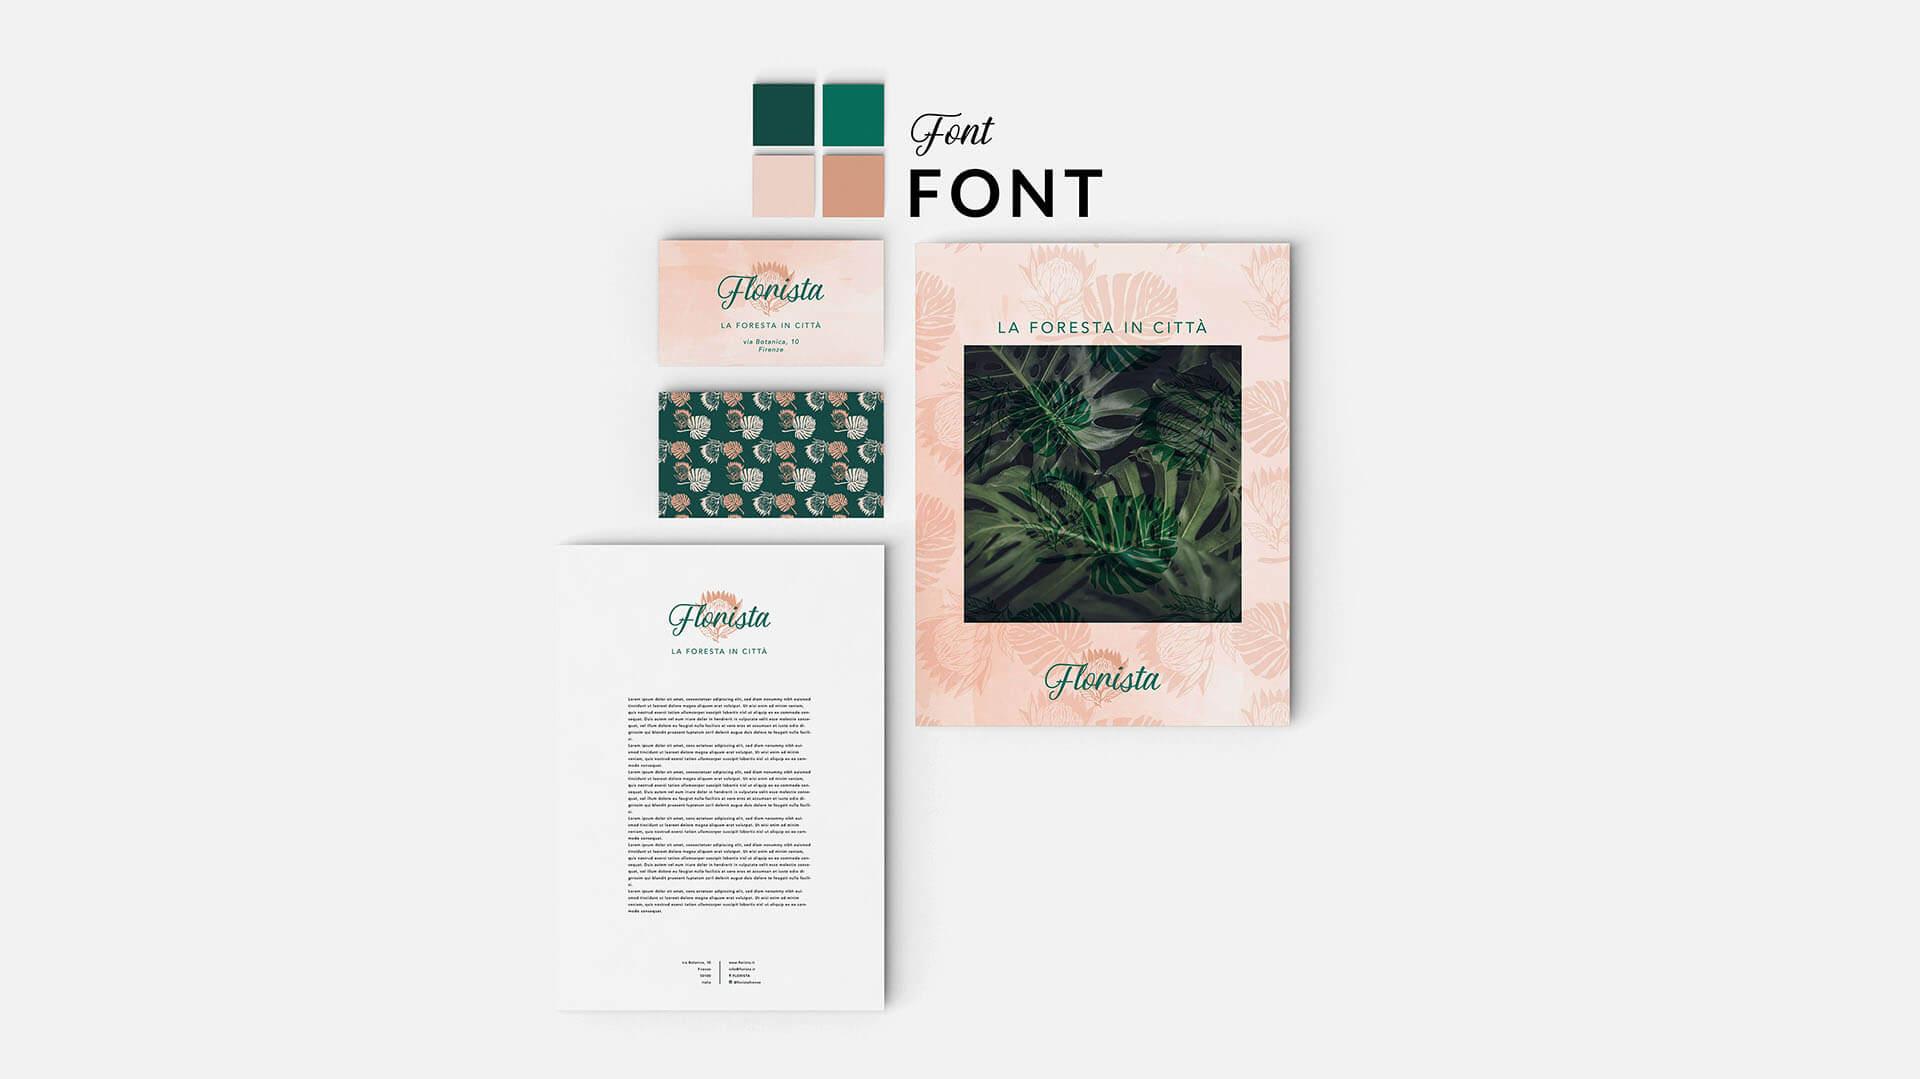 Esempio del pacchetto matita, servizi di grafica, Marianna Milione designer